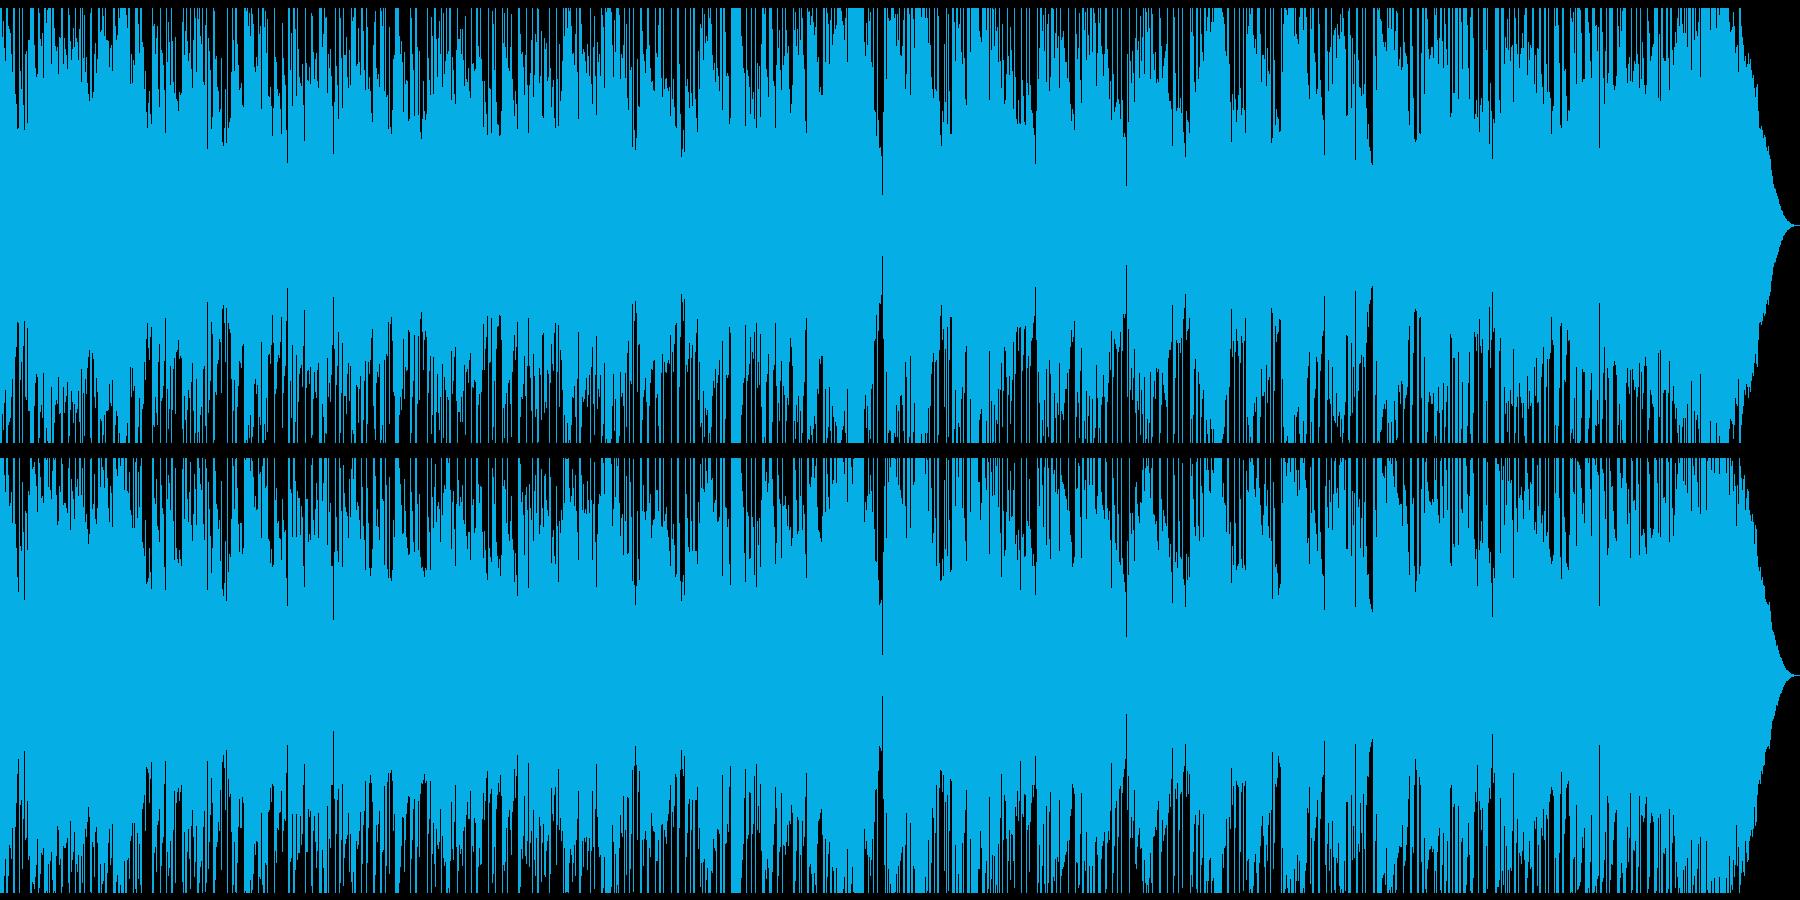 生音生楽器のリラックスしたスムースジャズの再生済みの波形